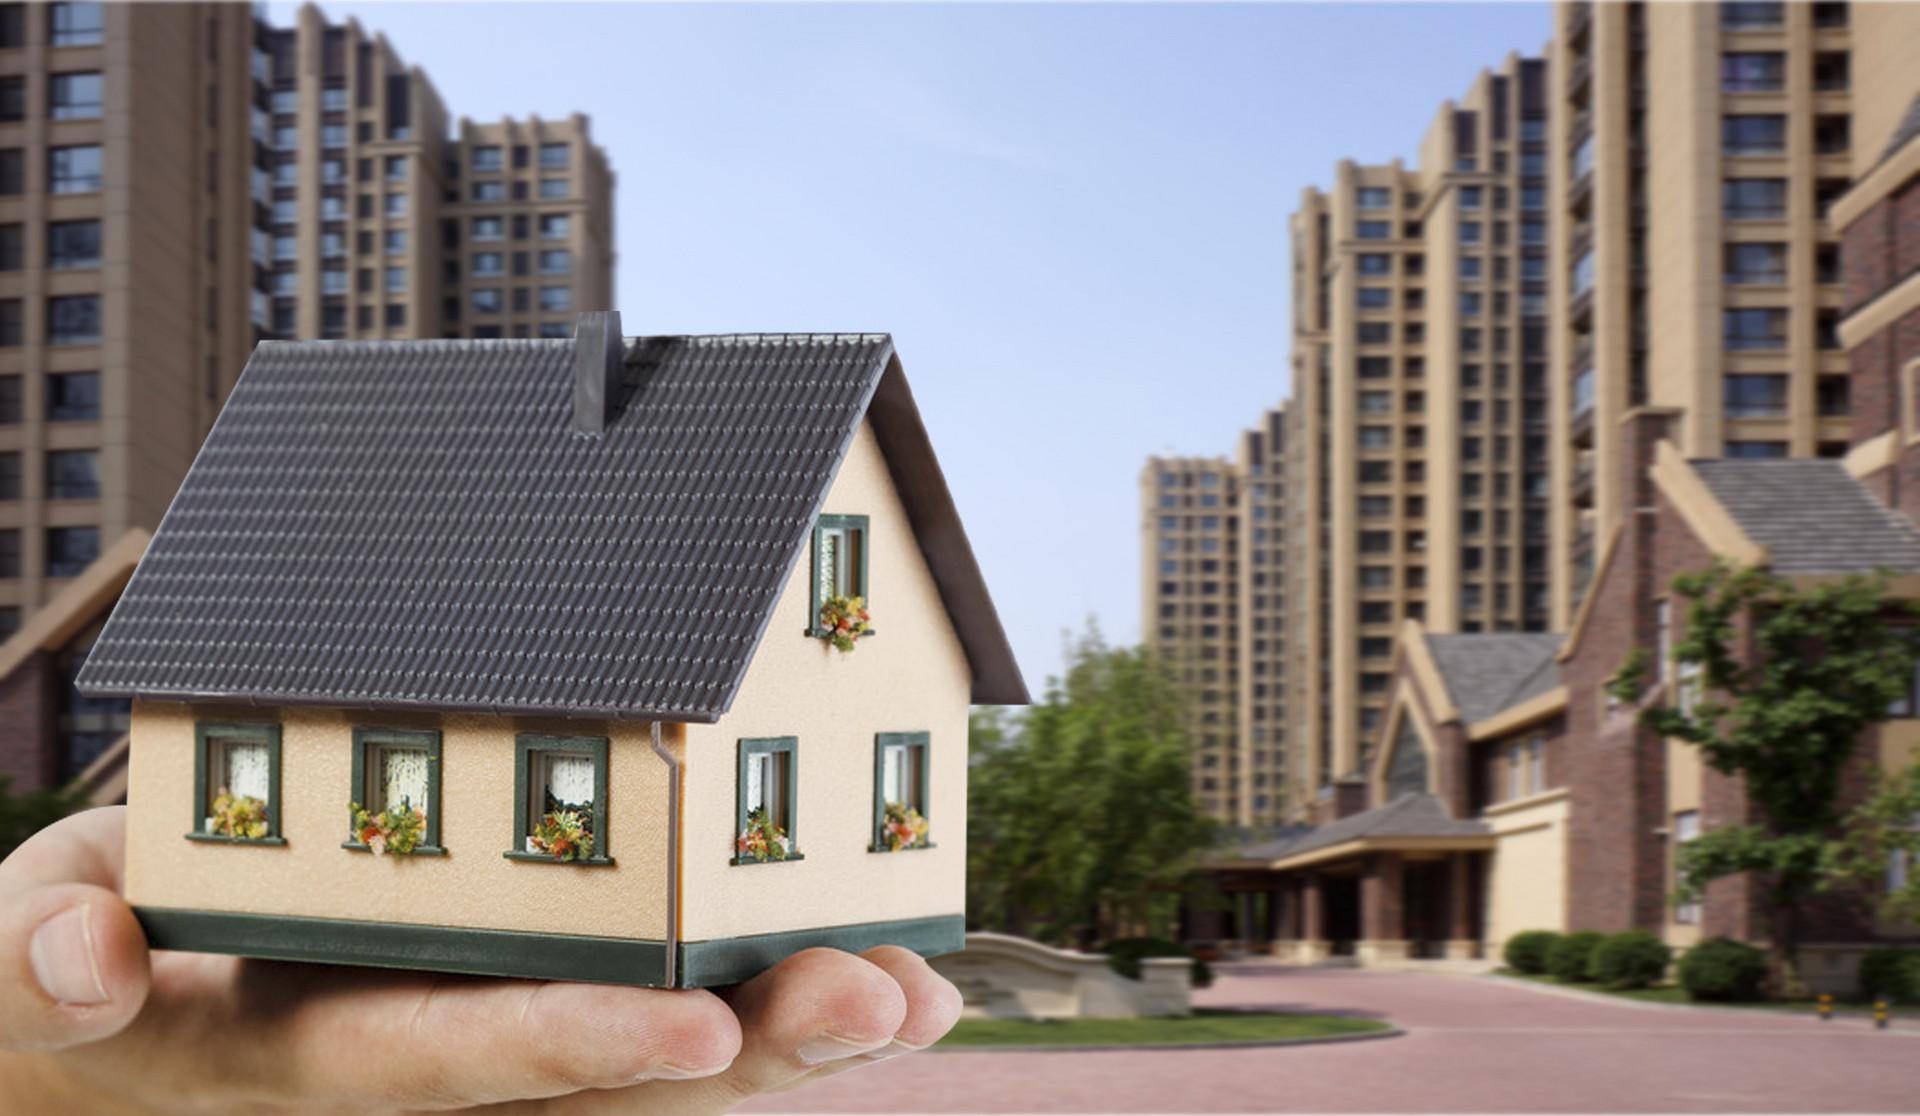 解除房产抵押后多久能办理房产过户?